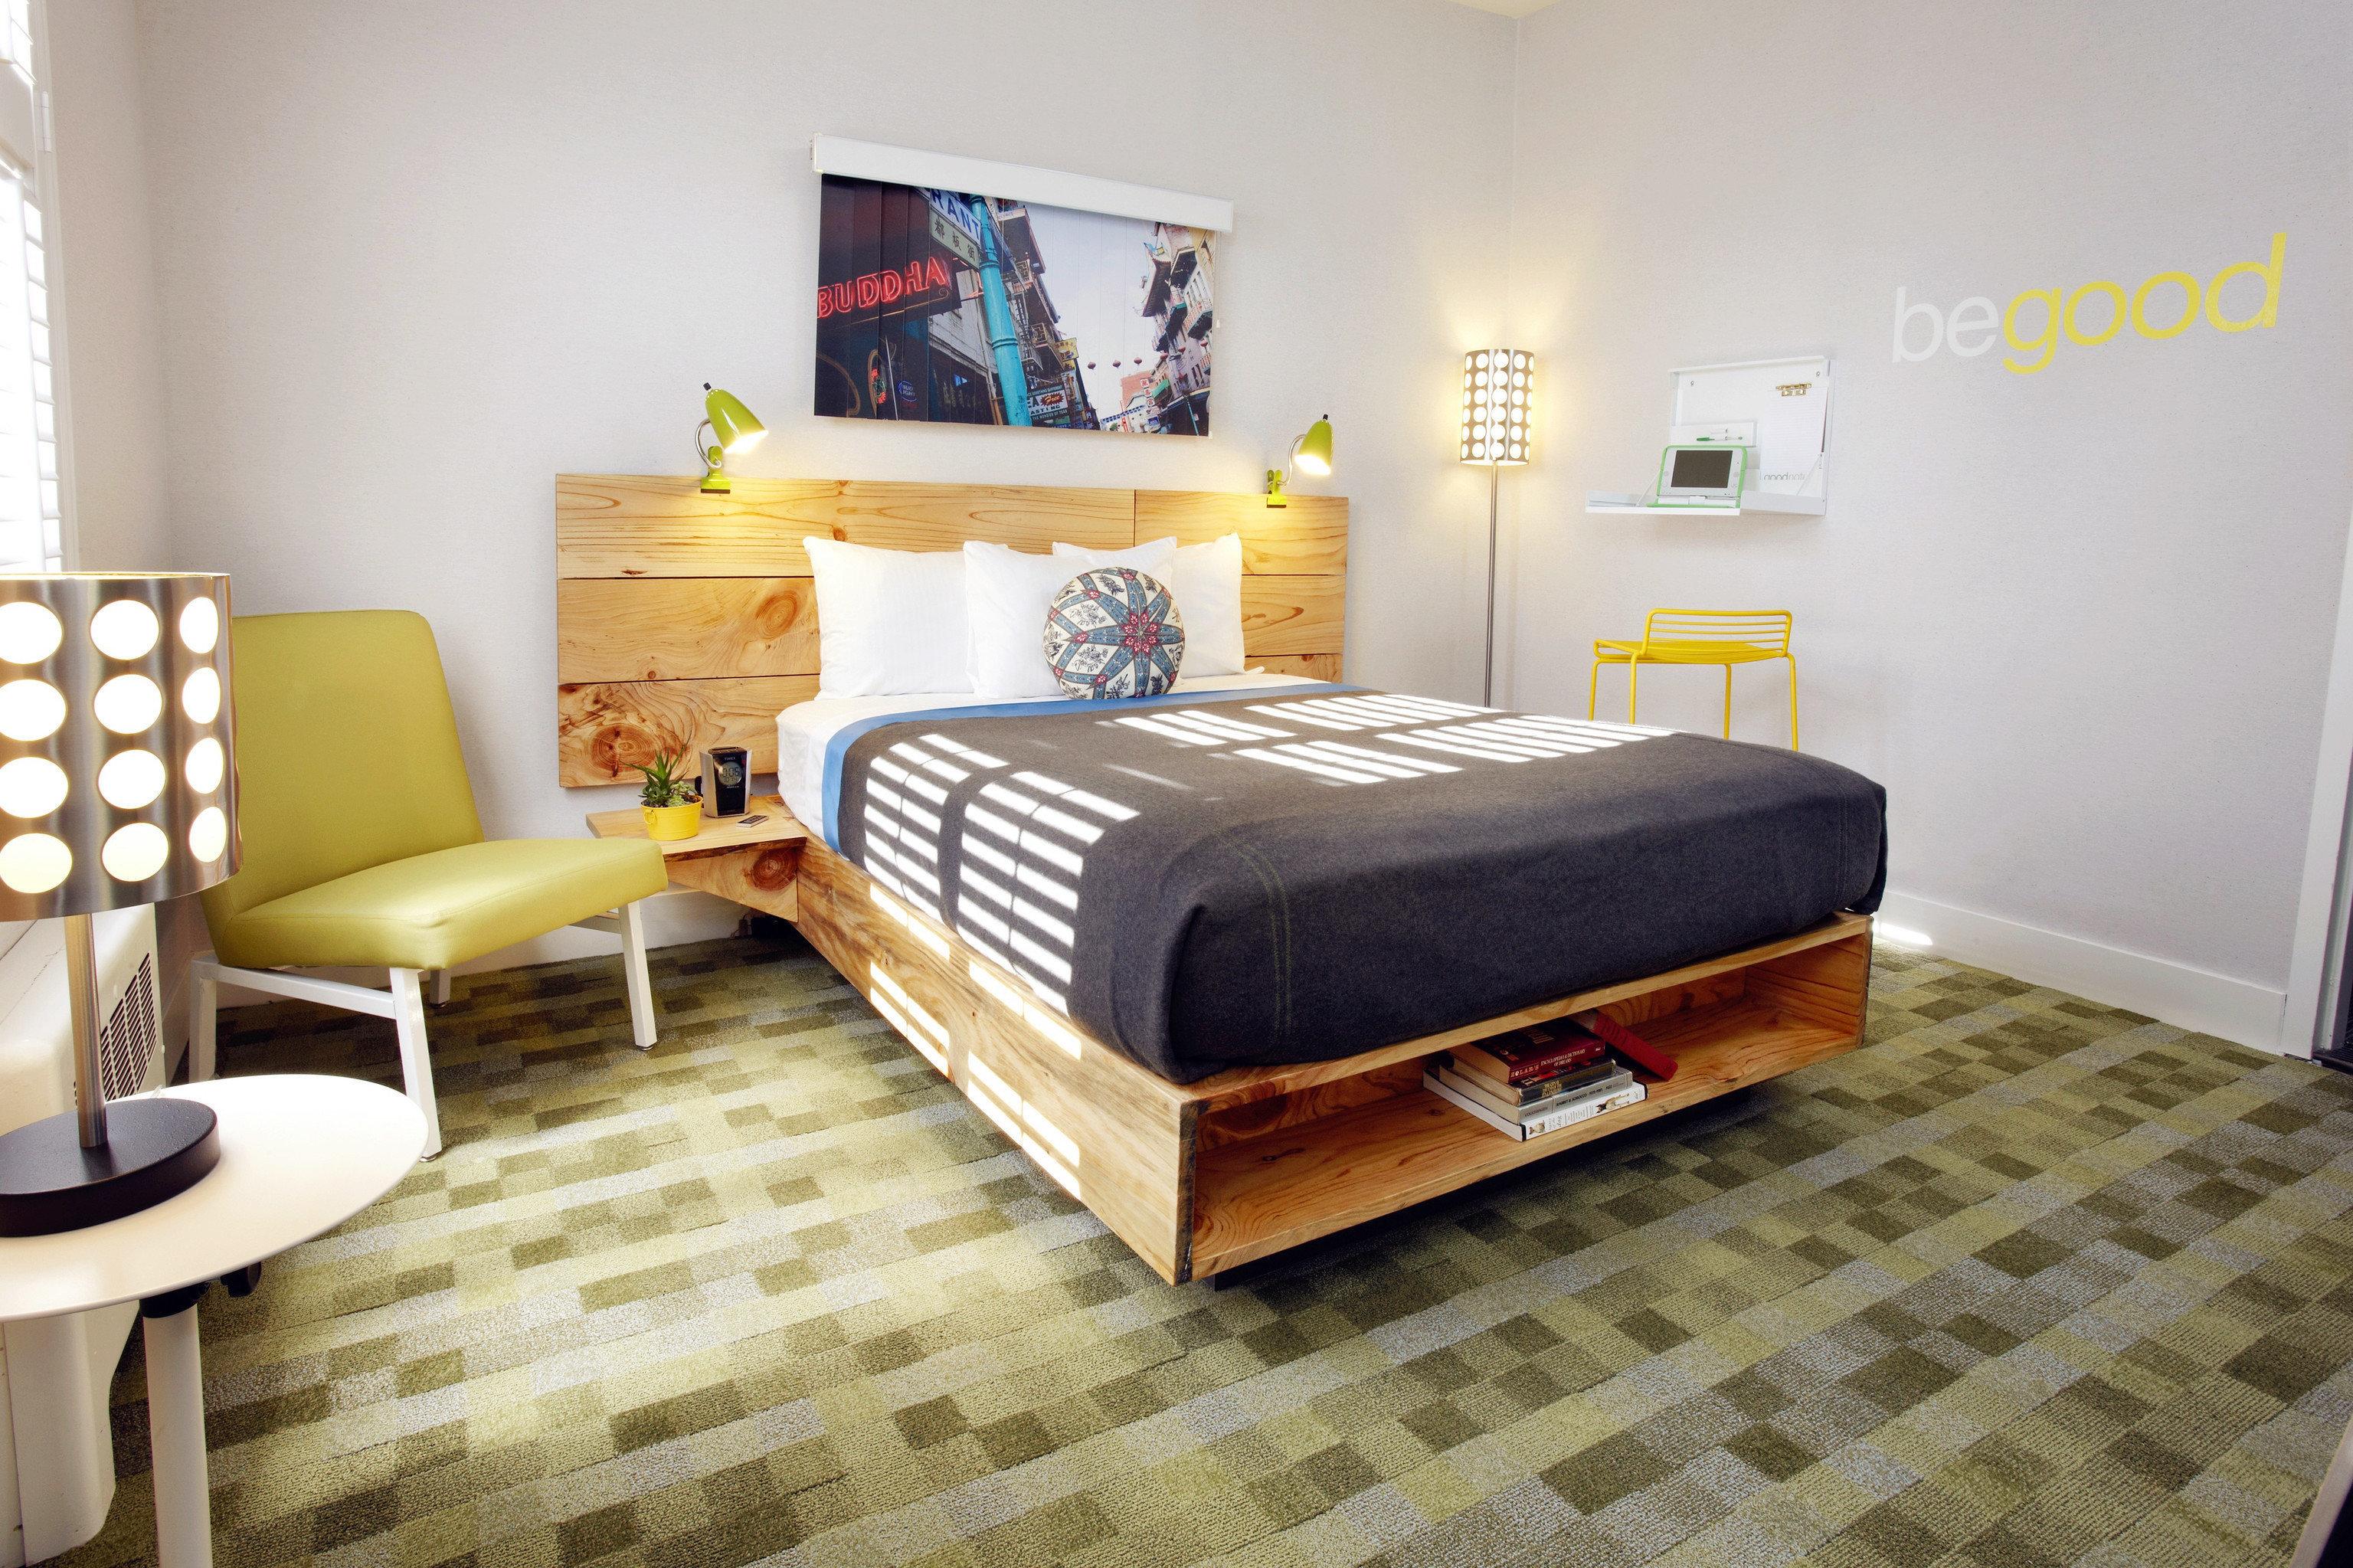 property Bedroom living room hardwood home cottage bed frame bed sheet Suite